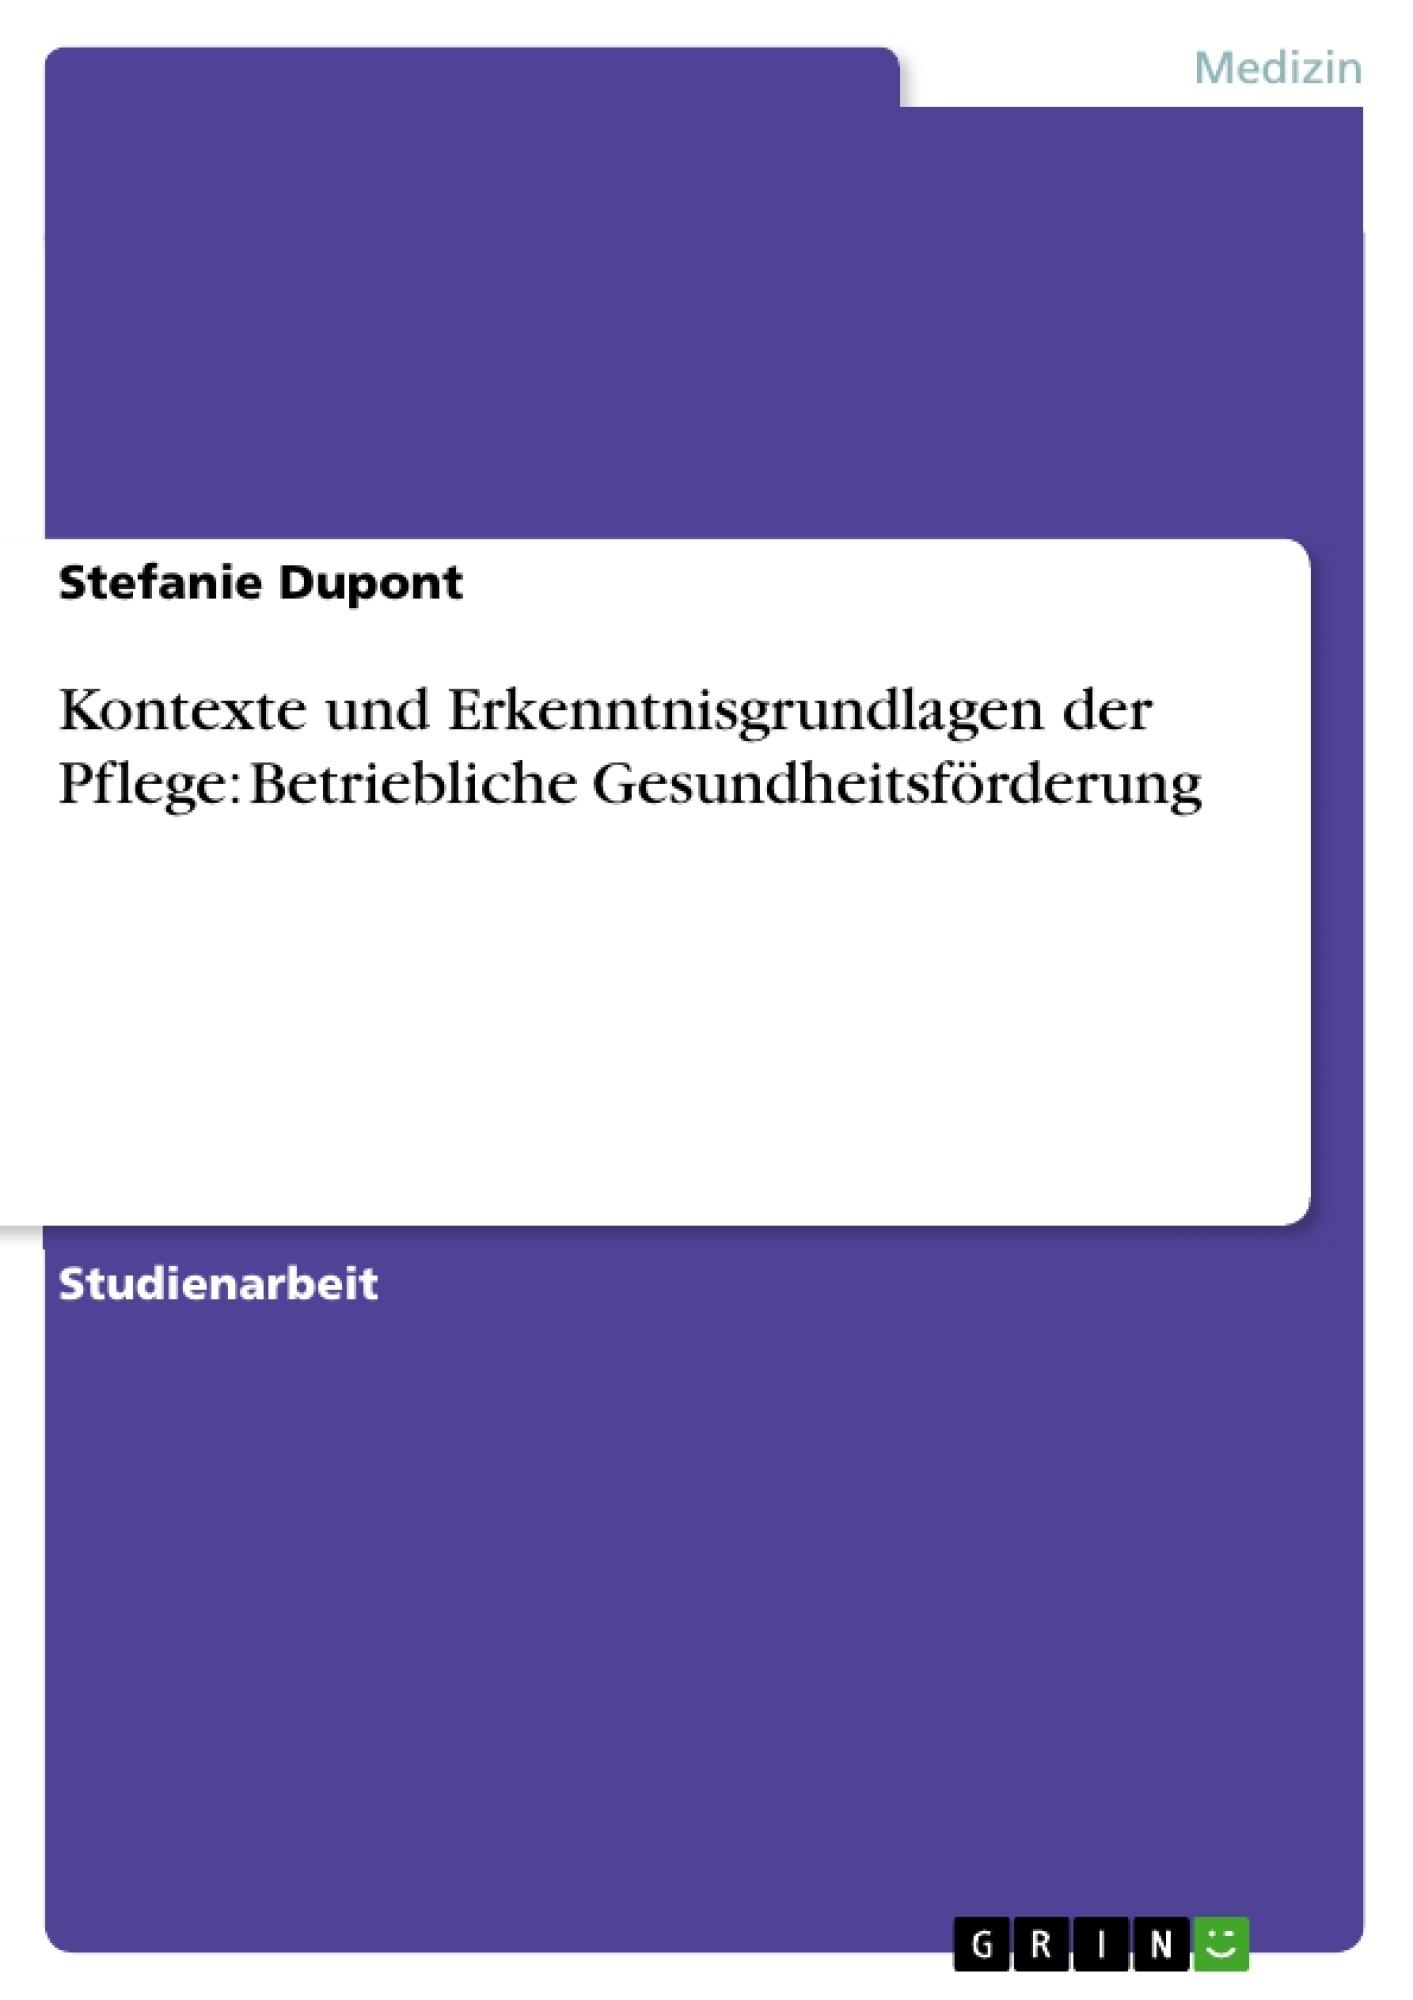 Titel: Kontexte und Erkenntnisgrundlagen der Pflege: Betriebliche Gesundheitsförderung